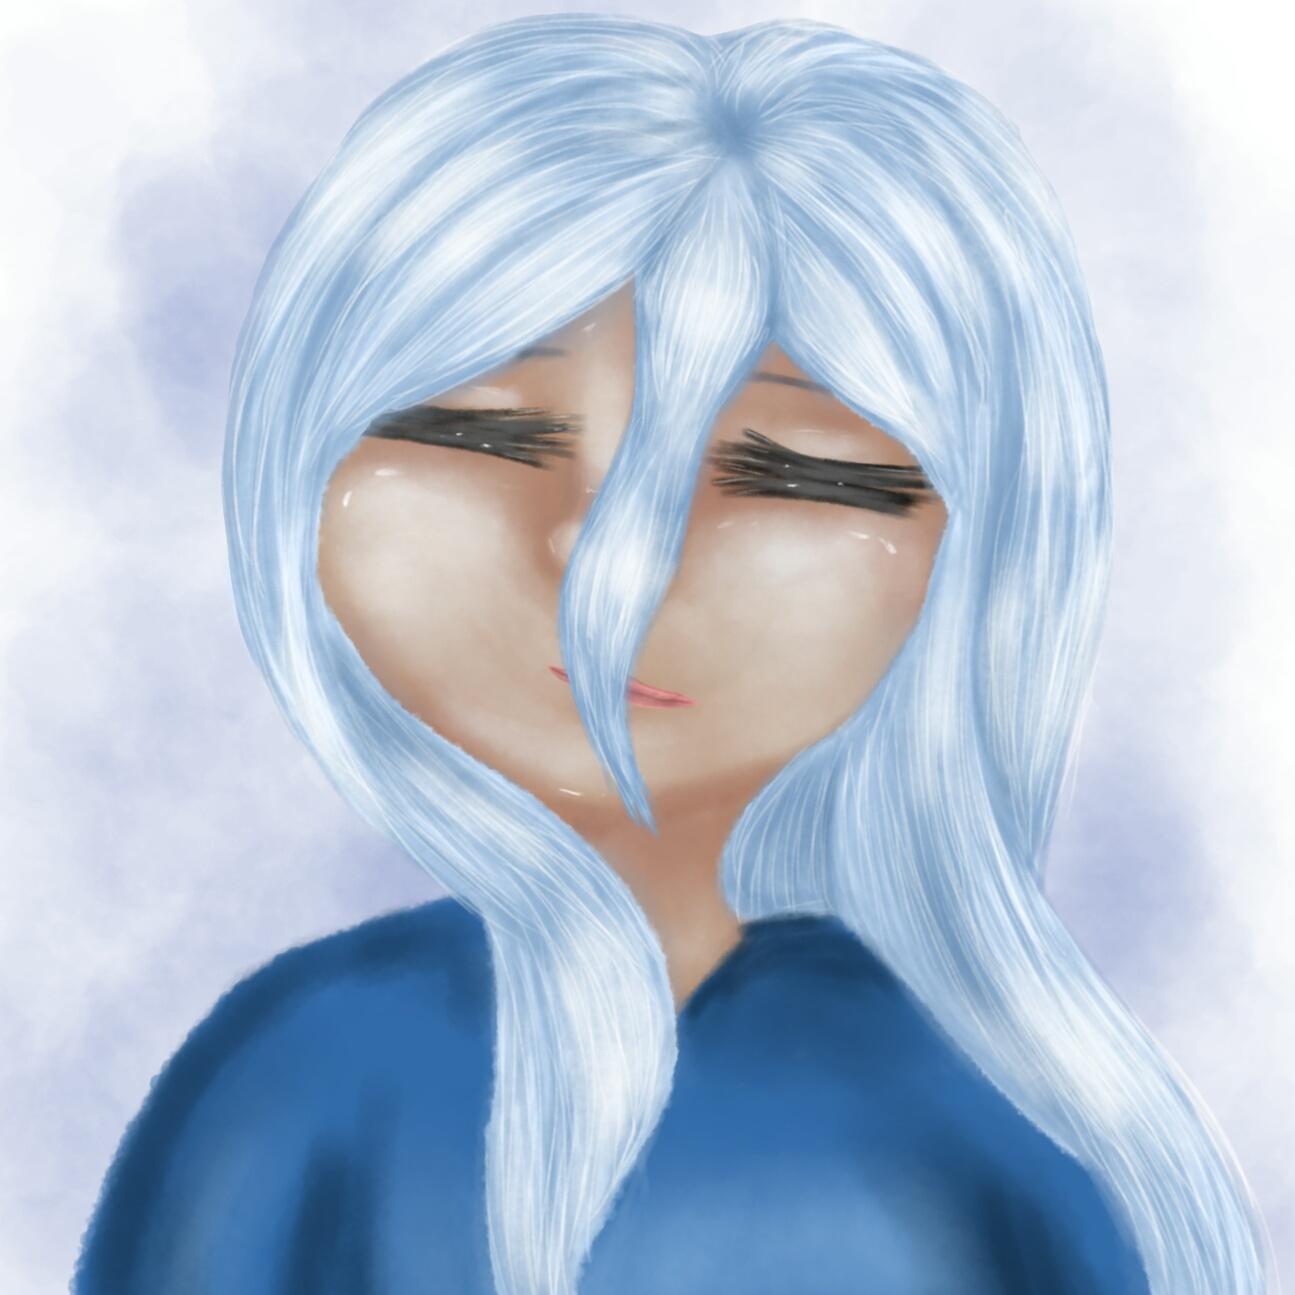 Aquamarine748's Profile Picture